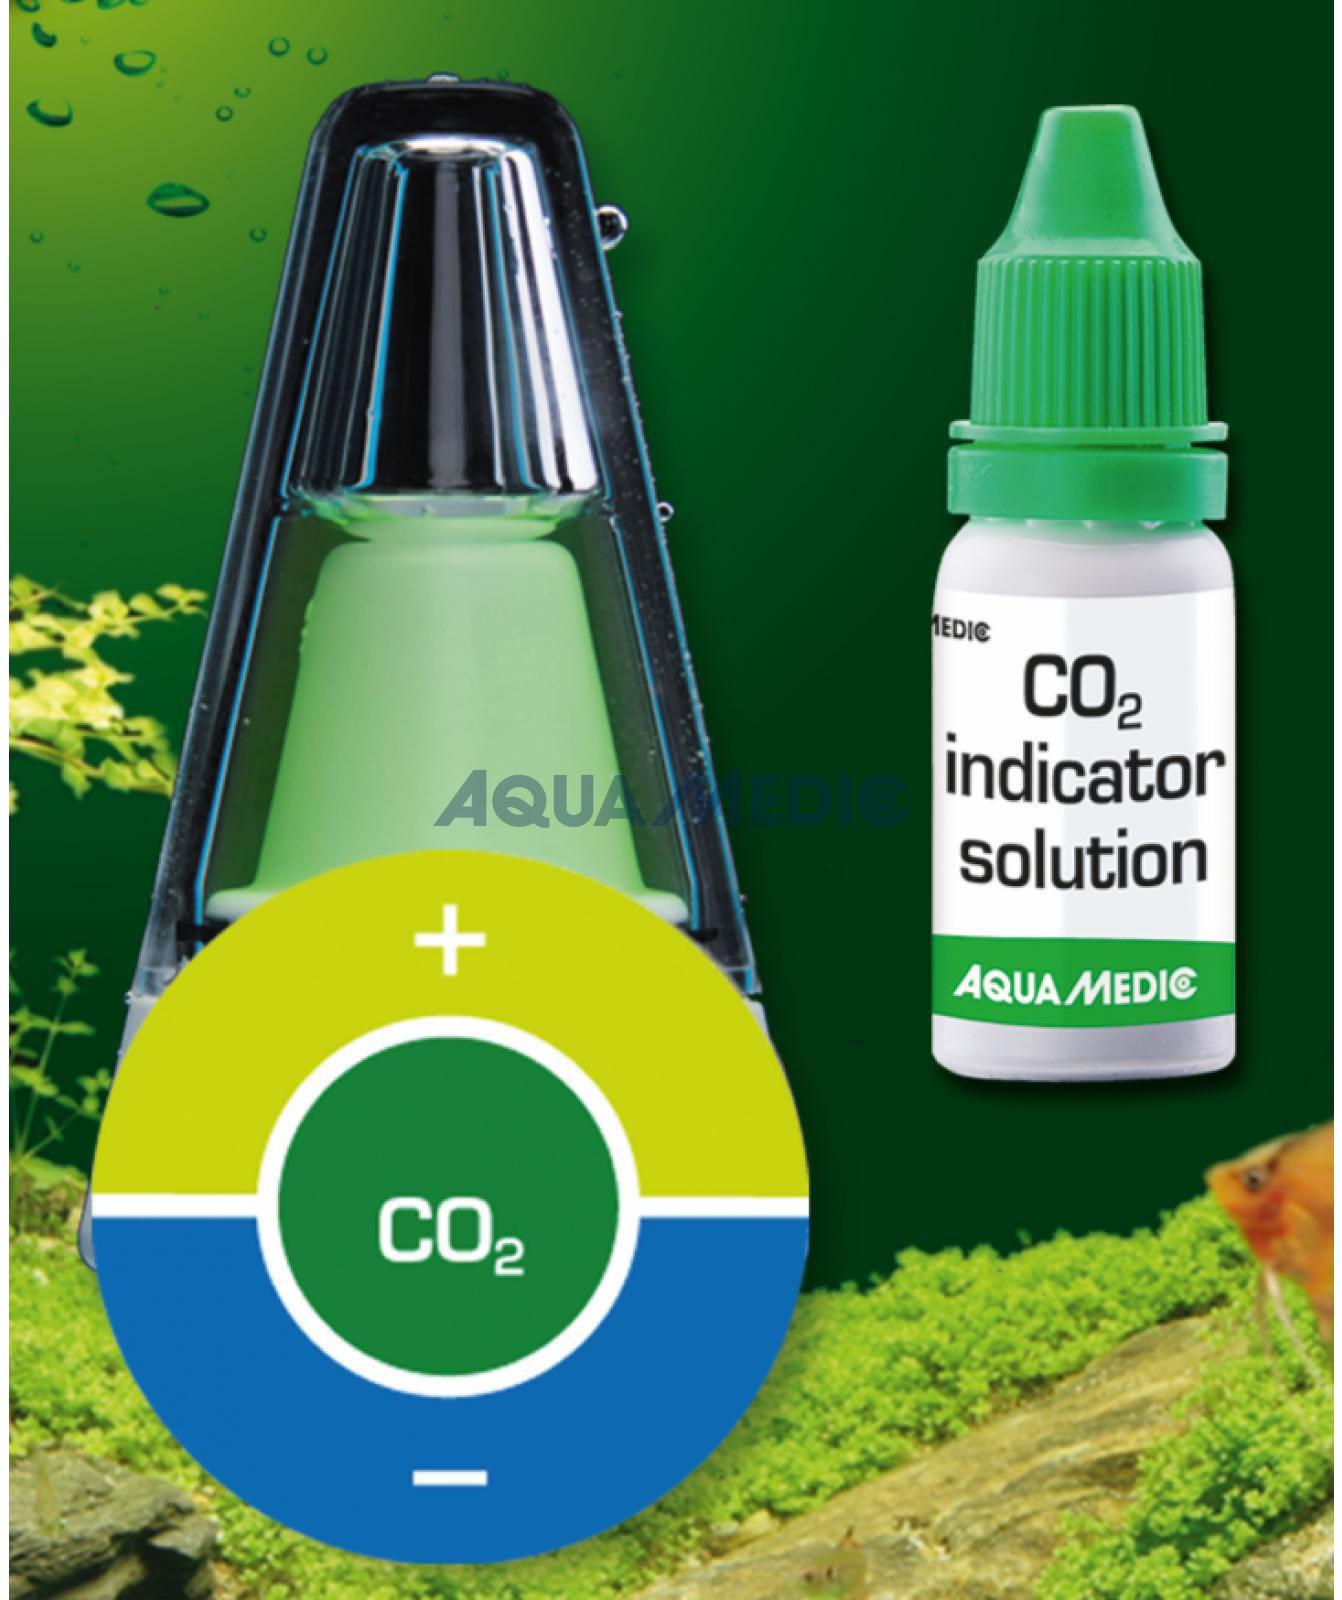 aqua medic co2 indicator. Black Bedroom Furniture Sets. Home Design Ideas